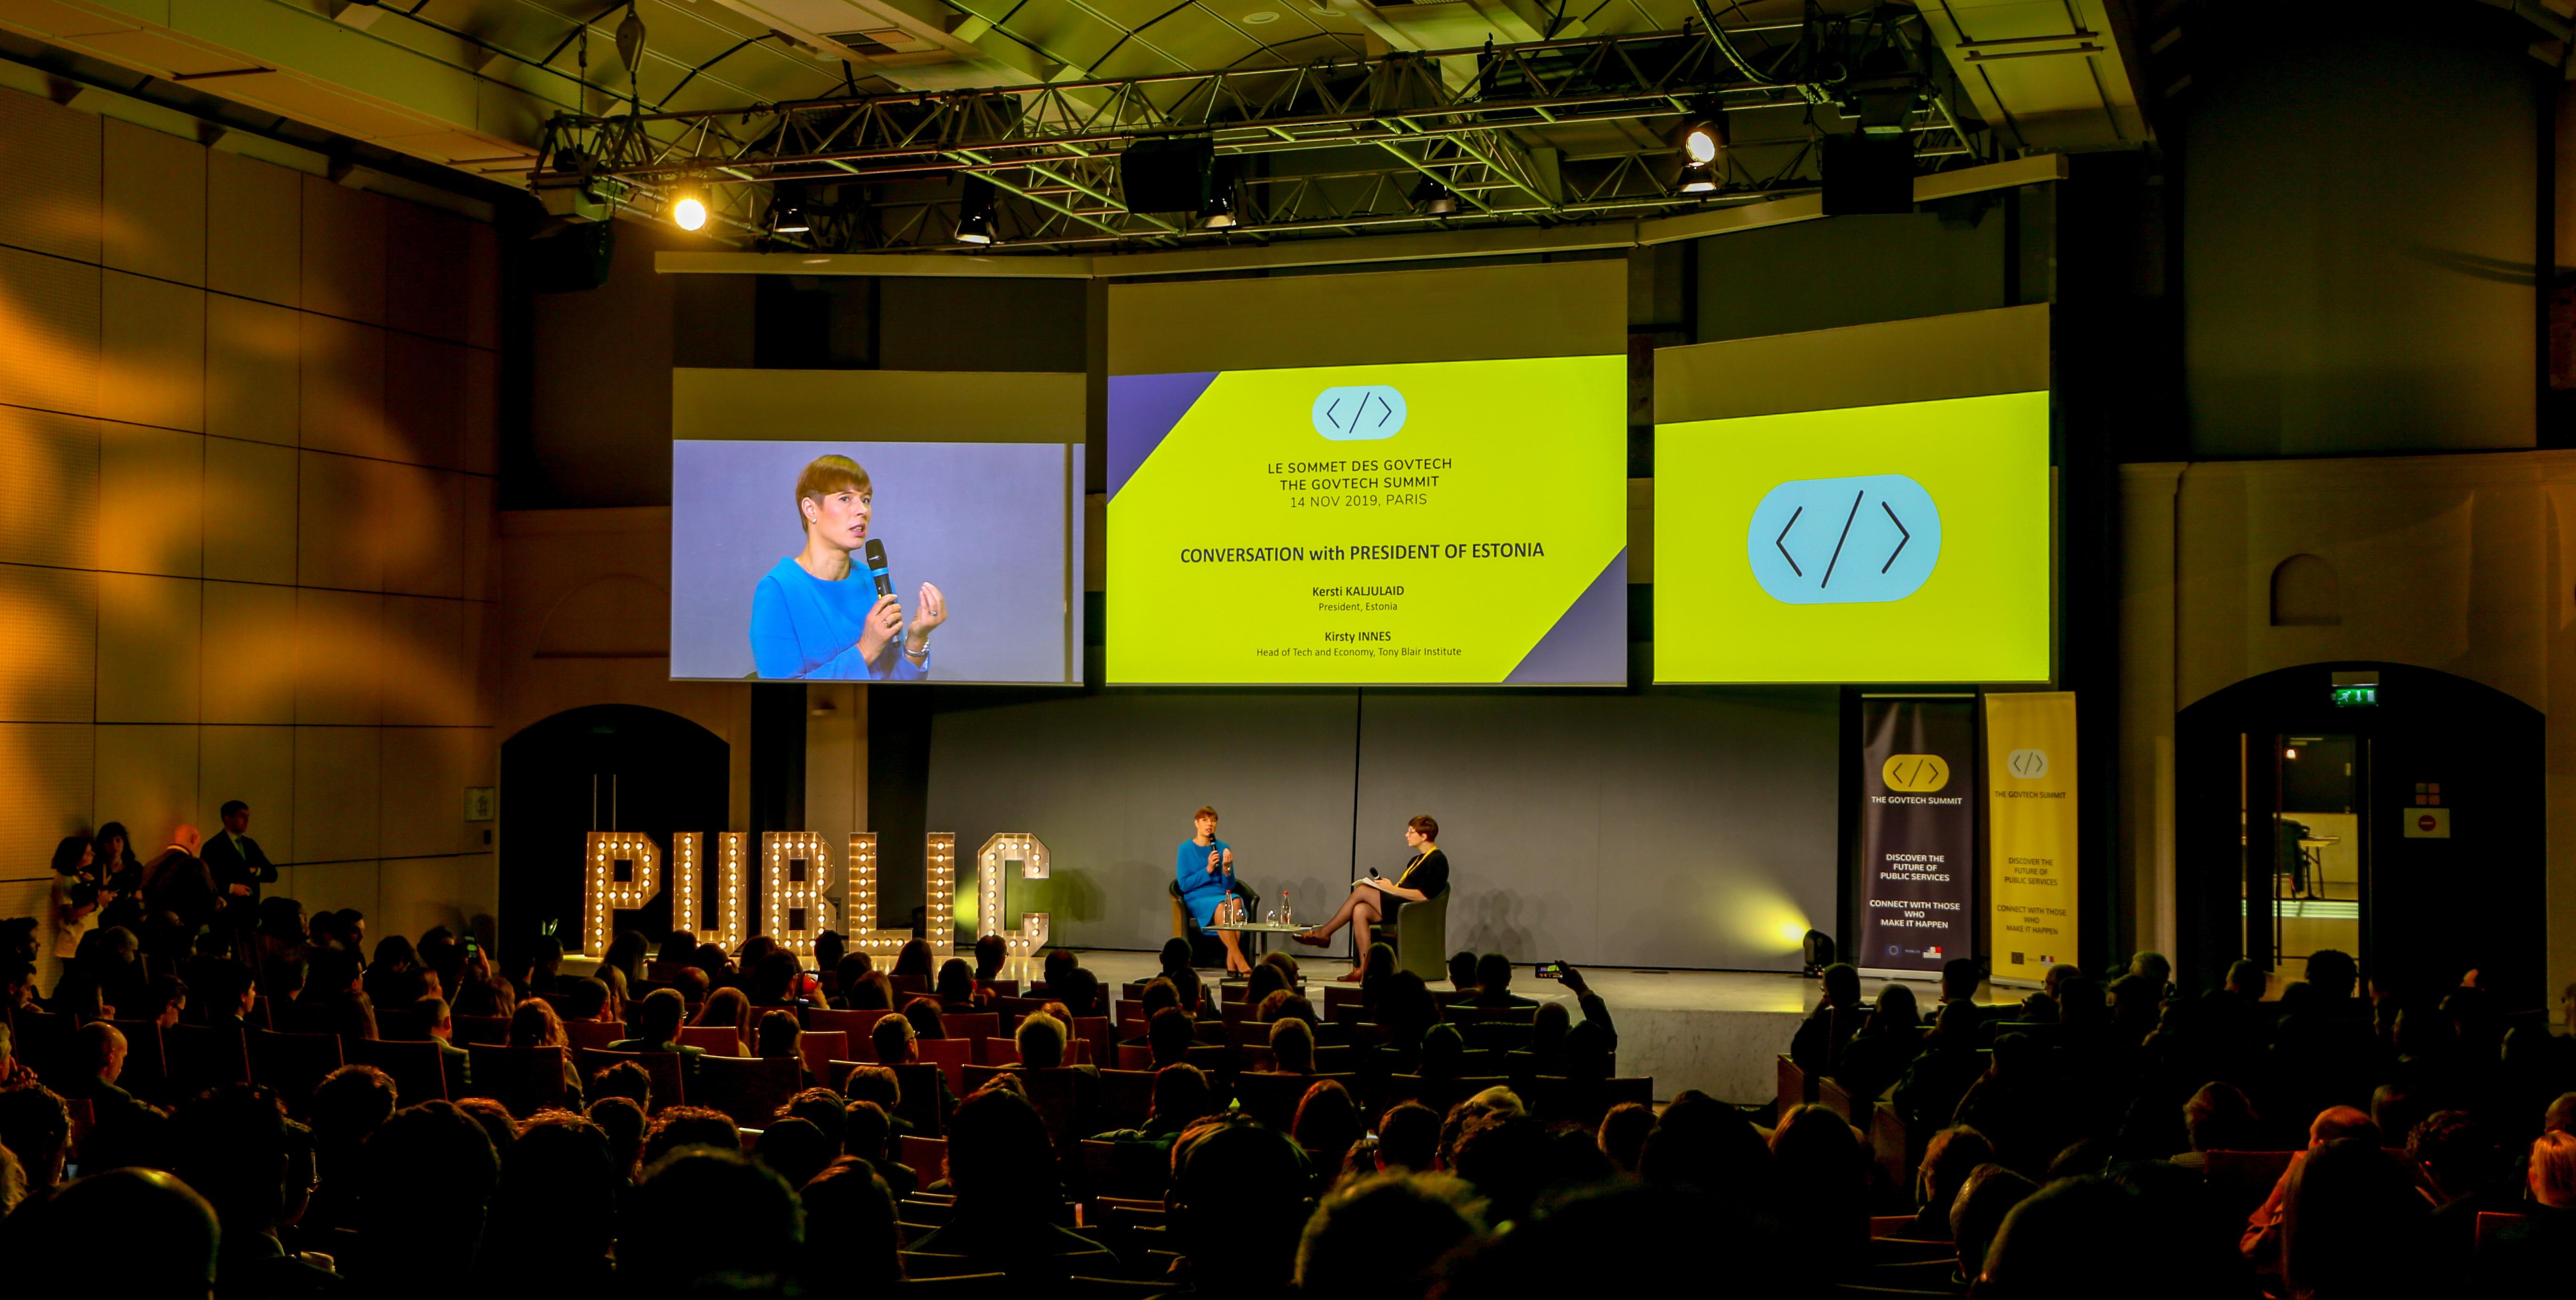 Kersti Kaljulaid, Présidente de la République d'Estonie, intervenait au GovTech Summit le 14 novembre 2019 à Paris.